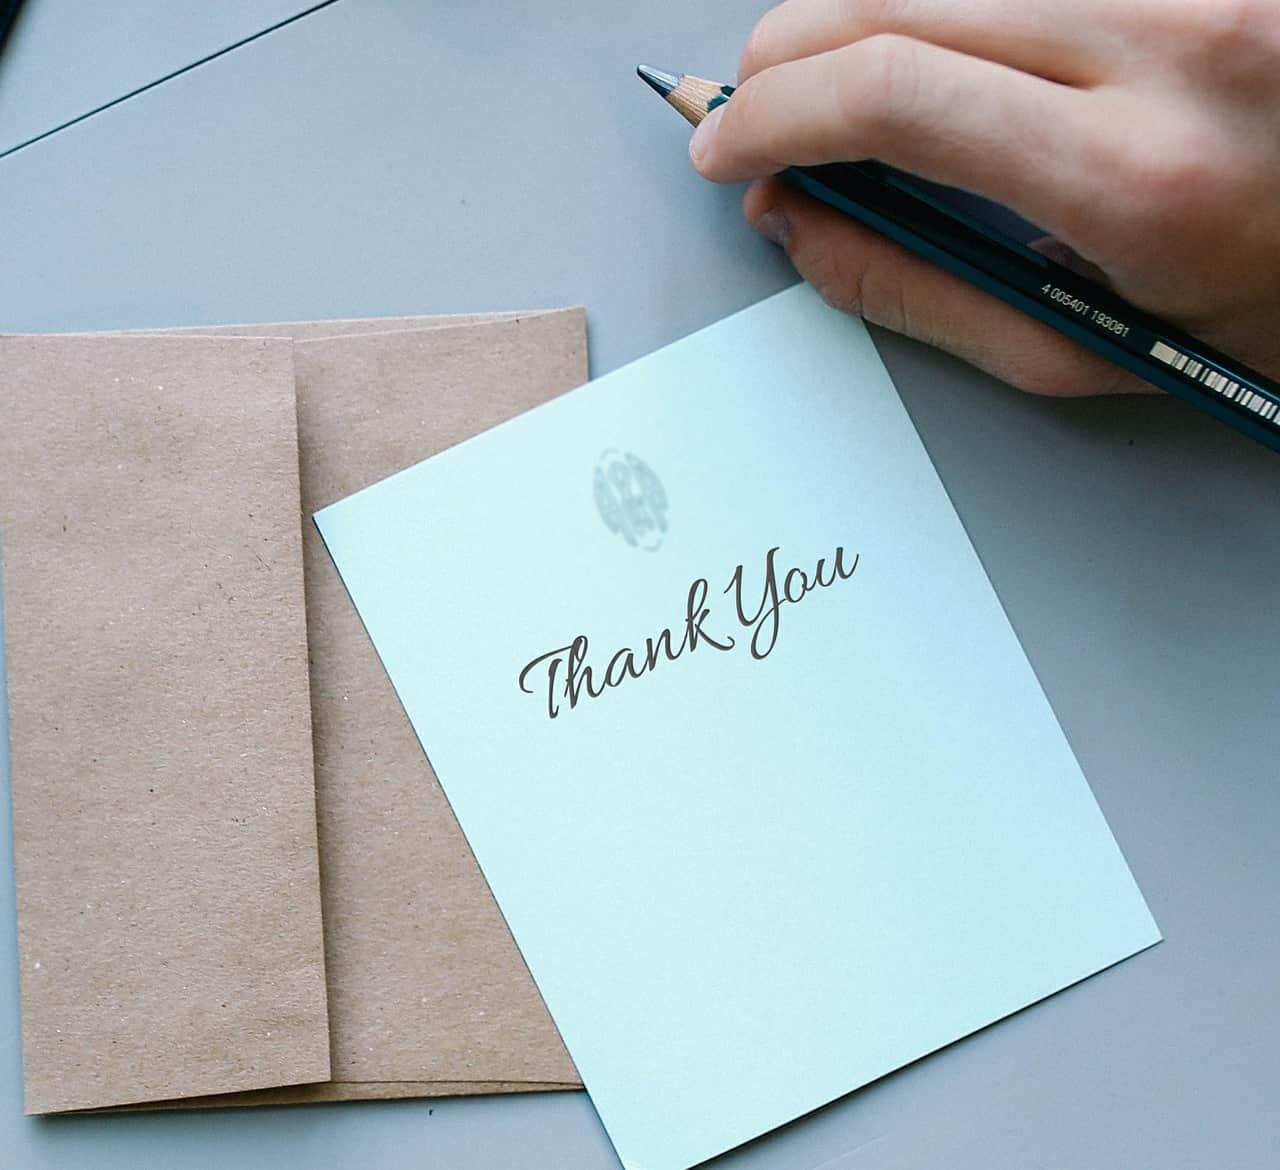 صورة رسالة شكر لصديق على مساعدته لي , عبارات الشكر للصديق